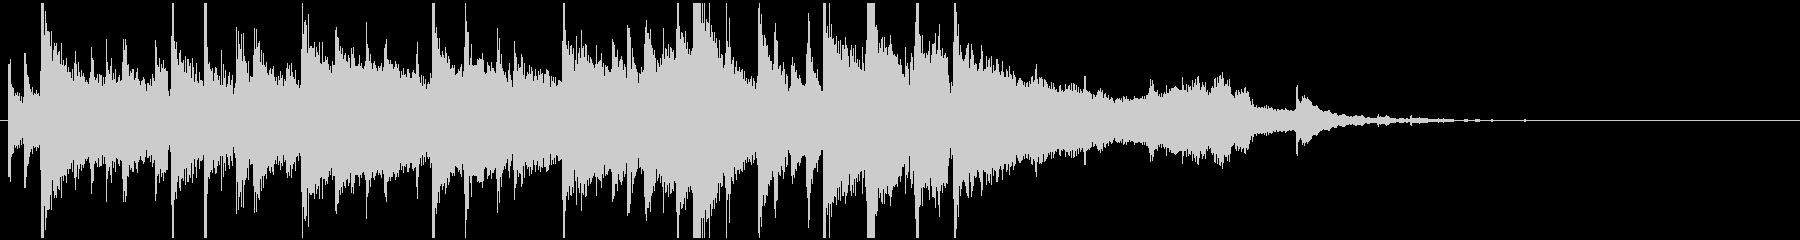 サックスのラジオジングル2の未再生の波形